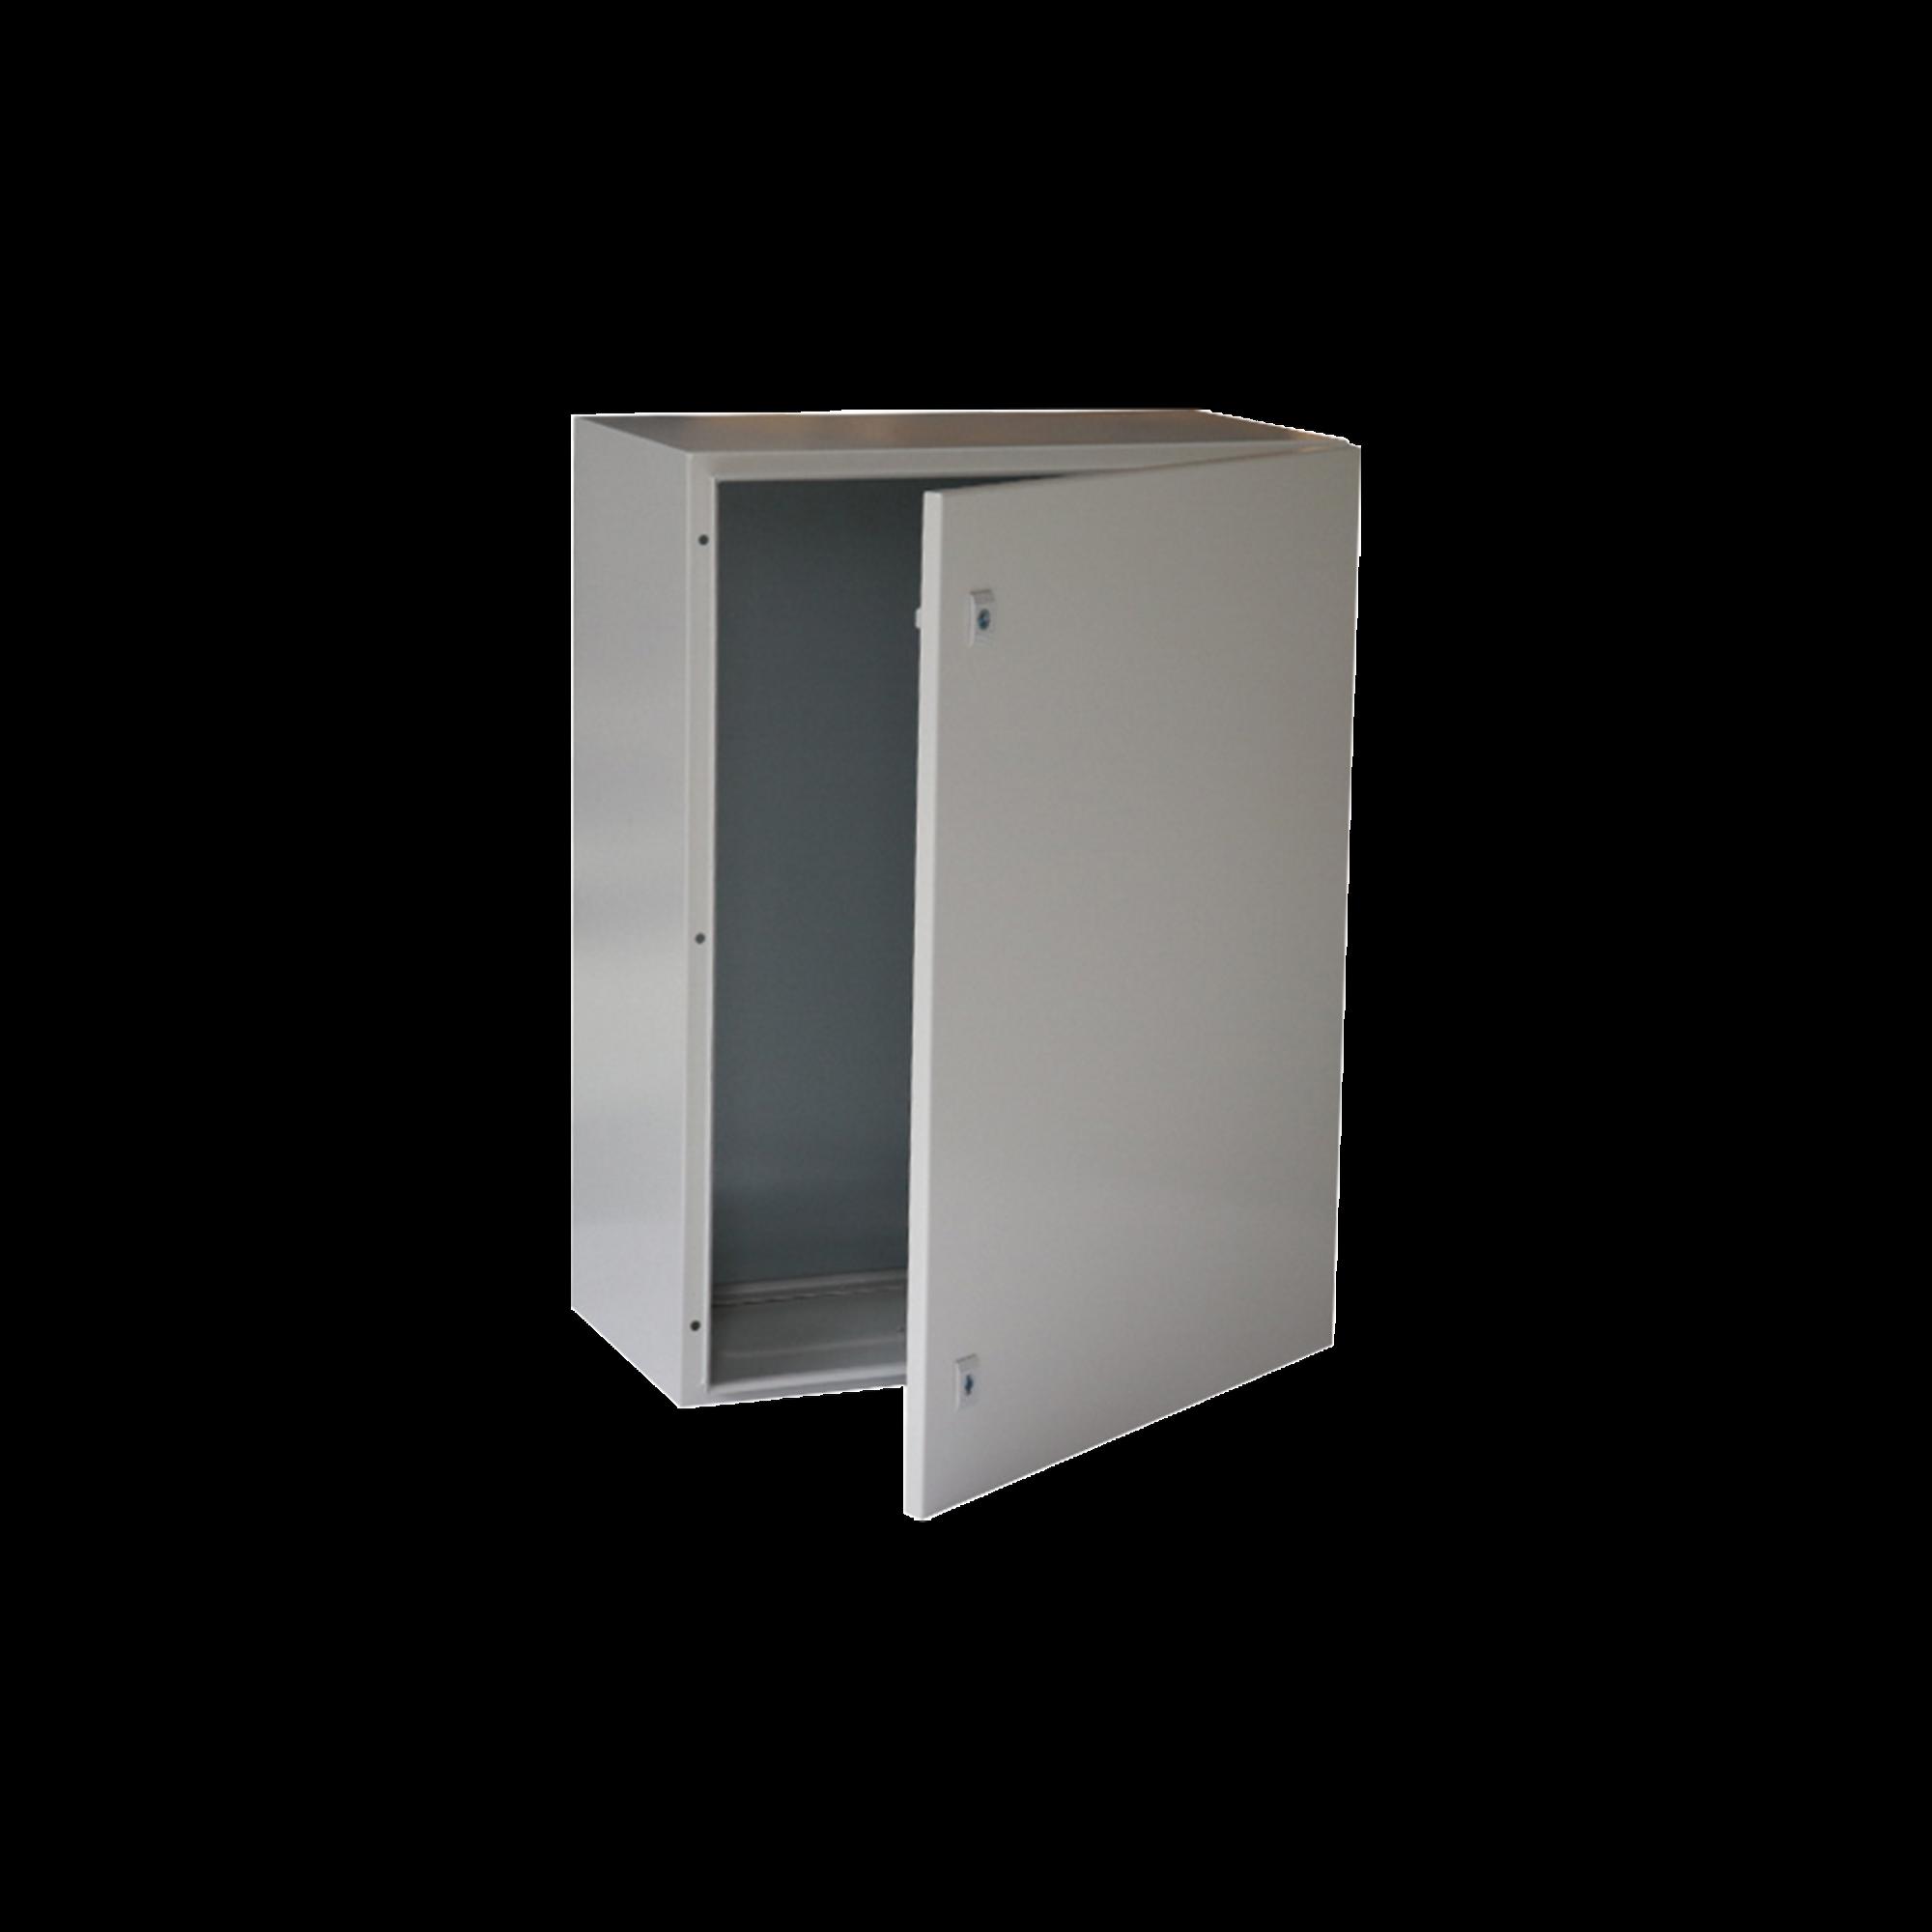 Gabinete de Acero IP66 Uso en Intemperie (400 x 600 x 250 mm) con Placa Trasera Interior y Compuerta Inferior Atornillable (Incluye Chapa y Llave).